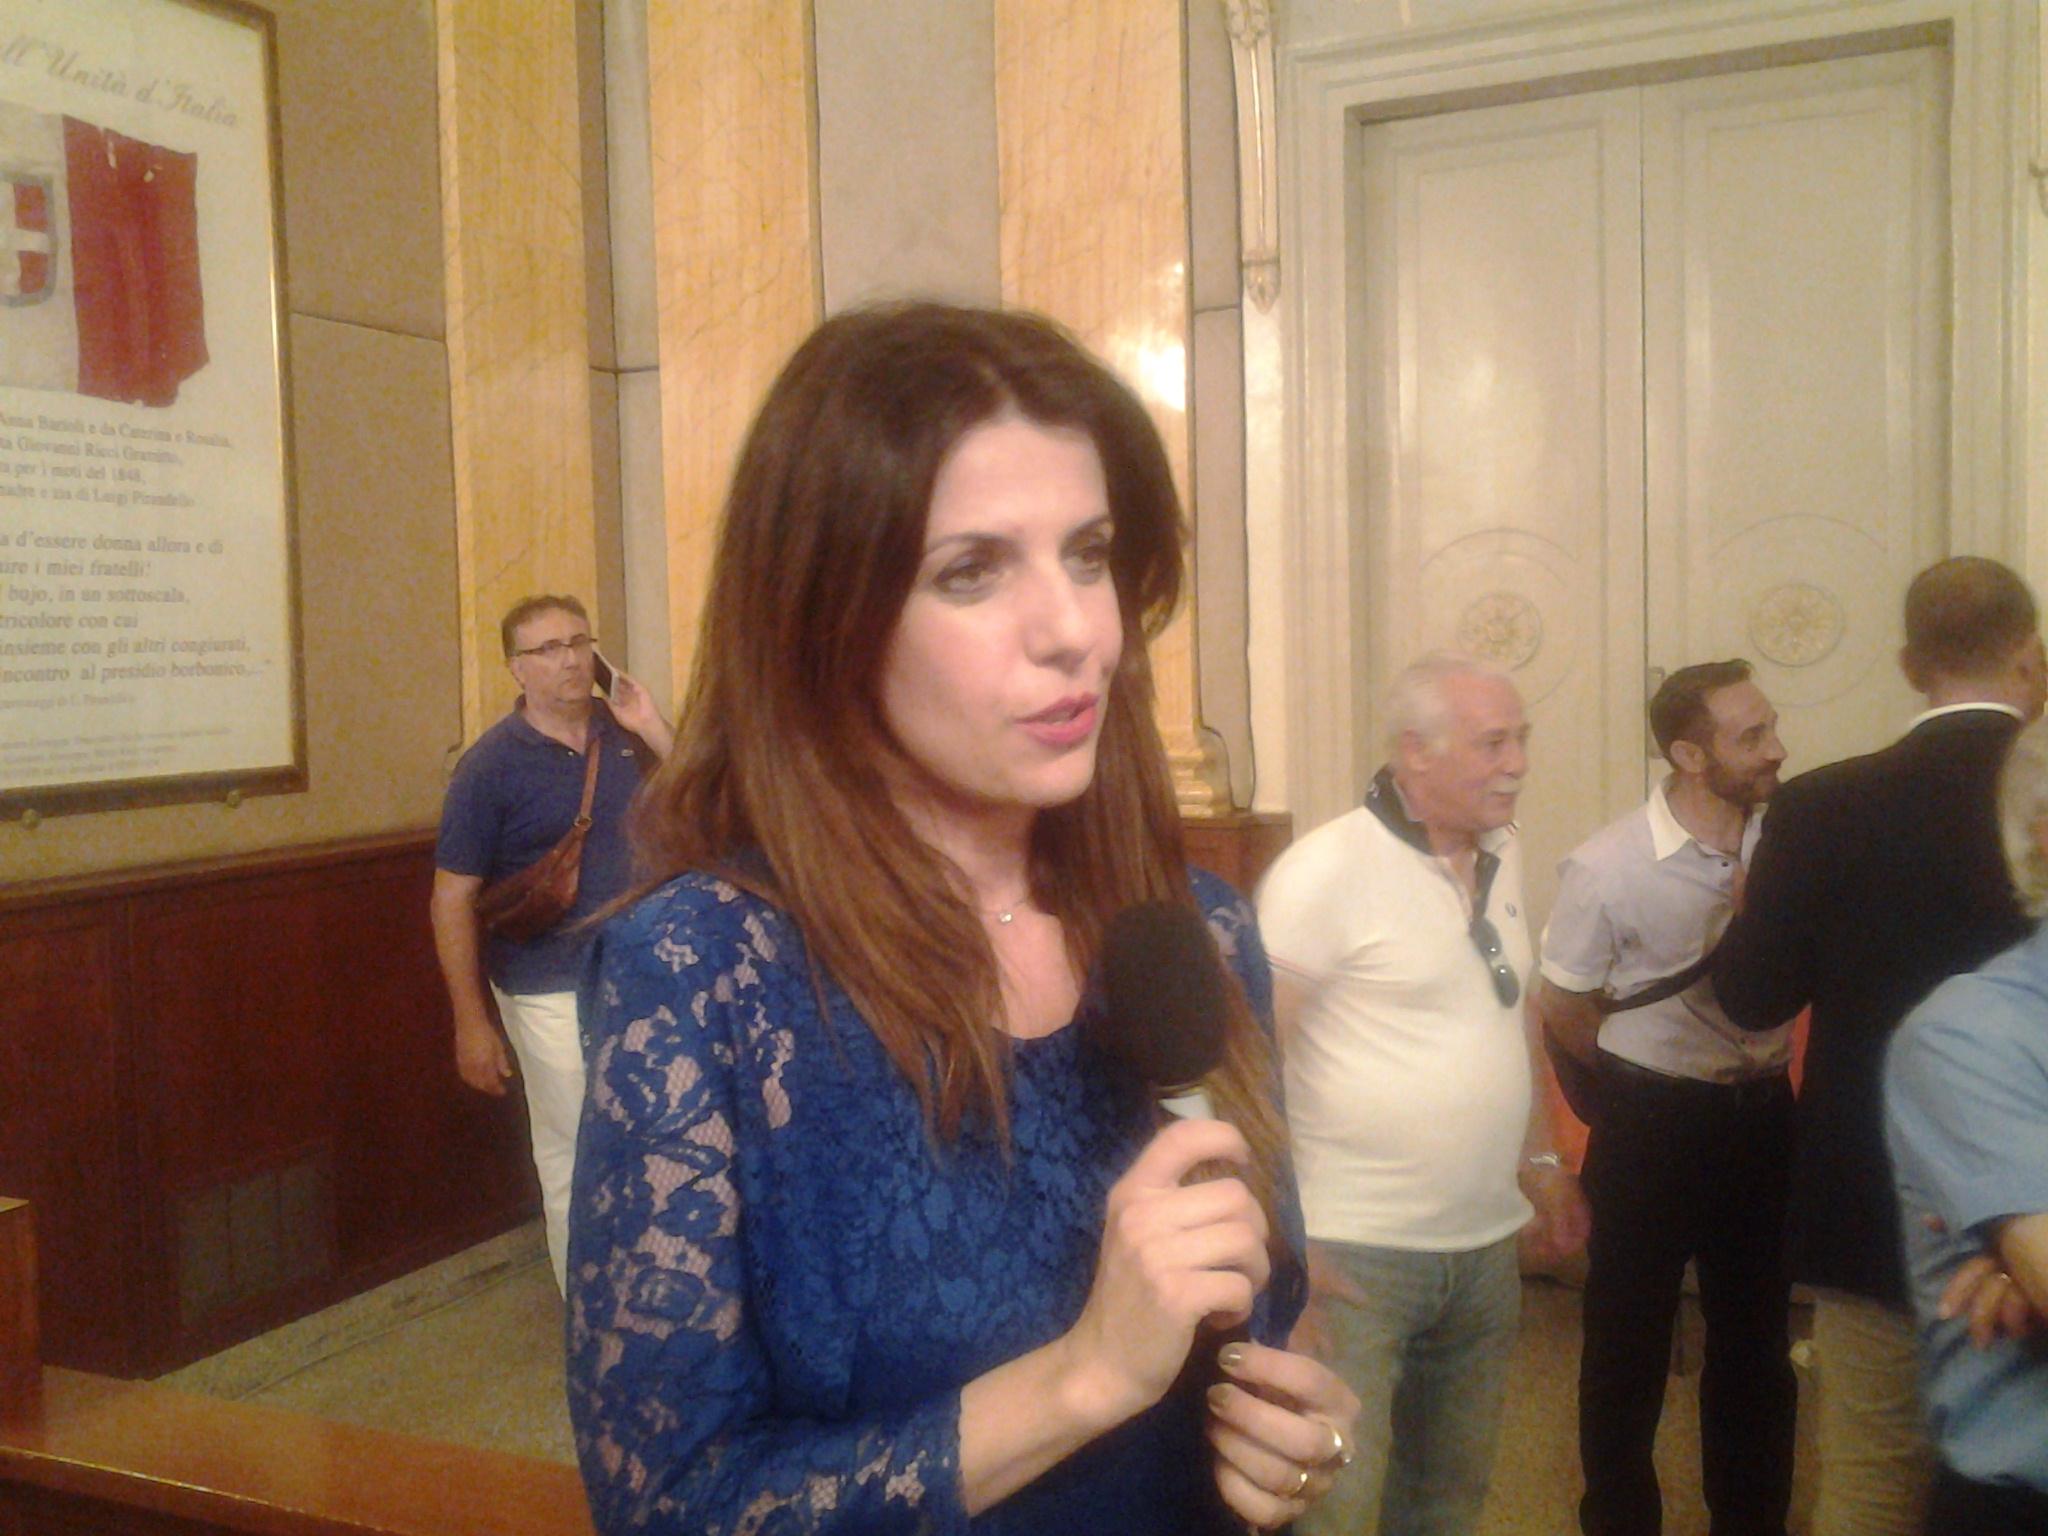 Consiglio Comunale: replica del Presidente Daniela Catalano a Nuccia Palermo